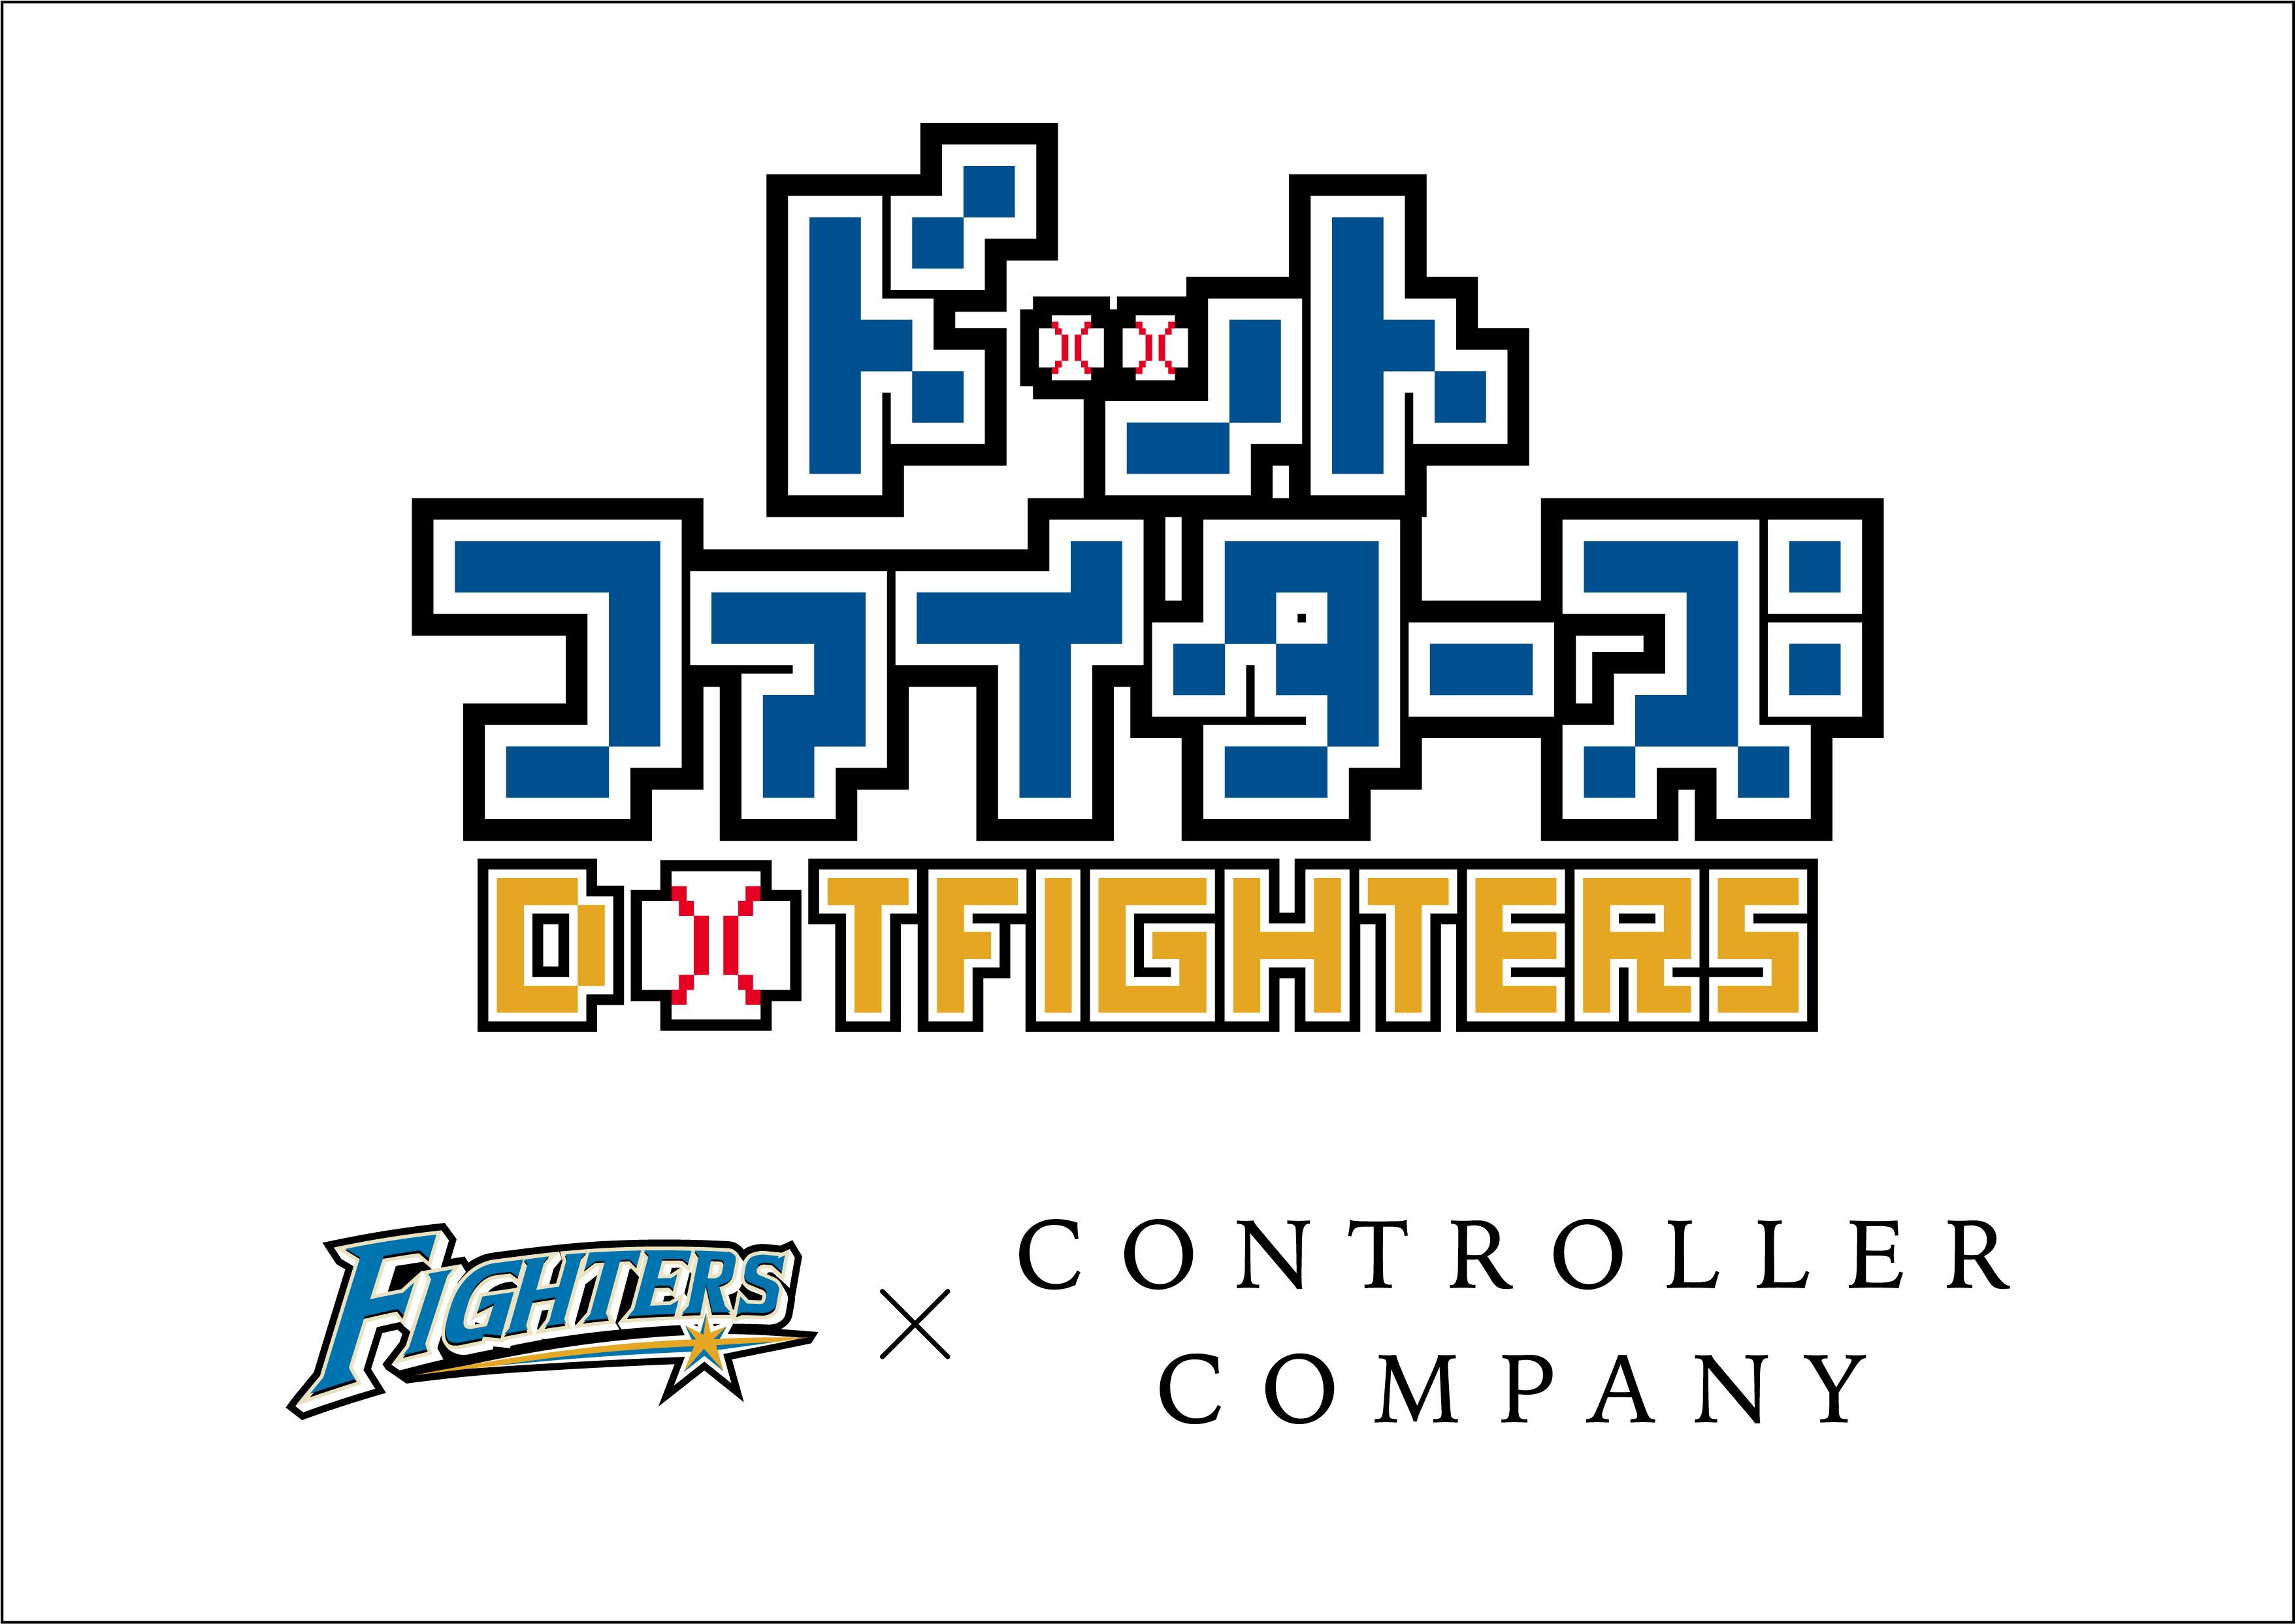 「北海道日本ハムファイターズ」の選手をドット絵で描いた「ドットファイターズ」グッズを発売いたします。